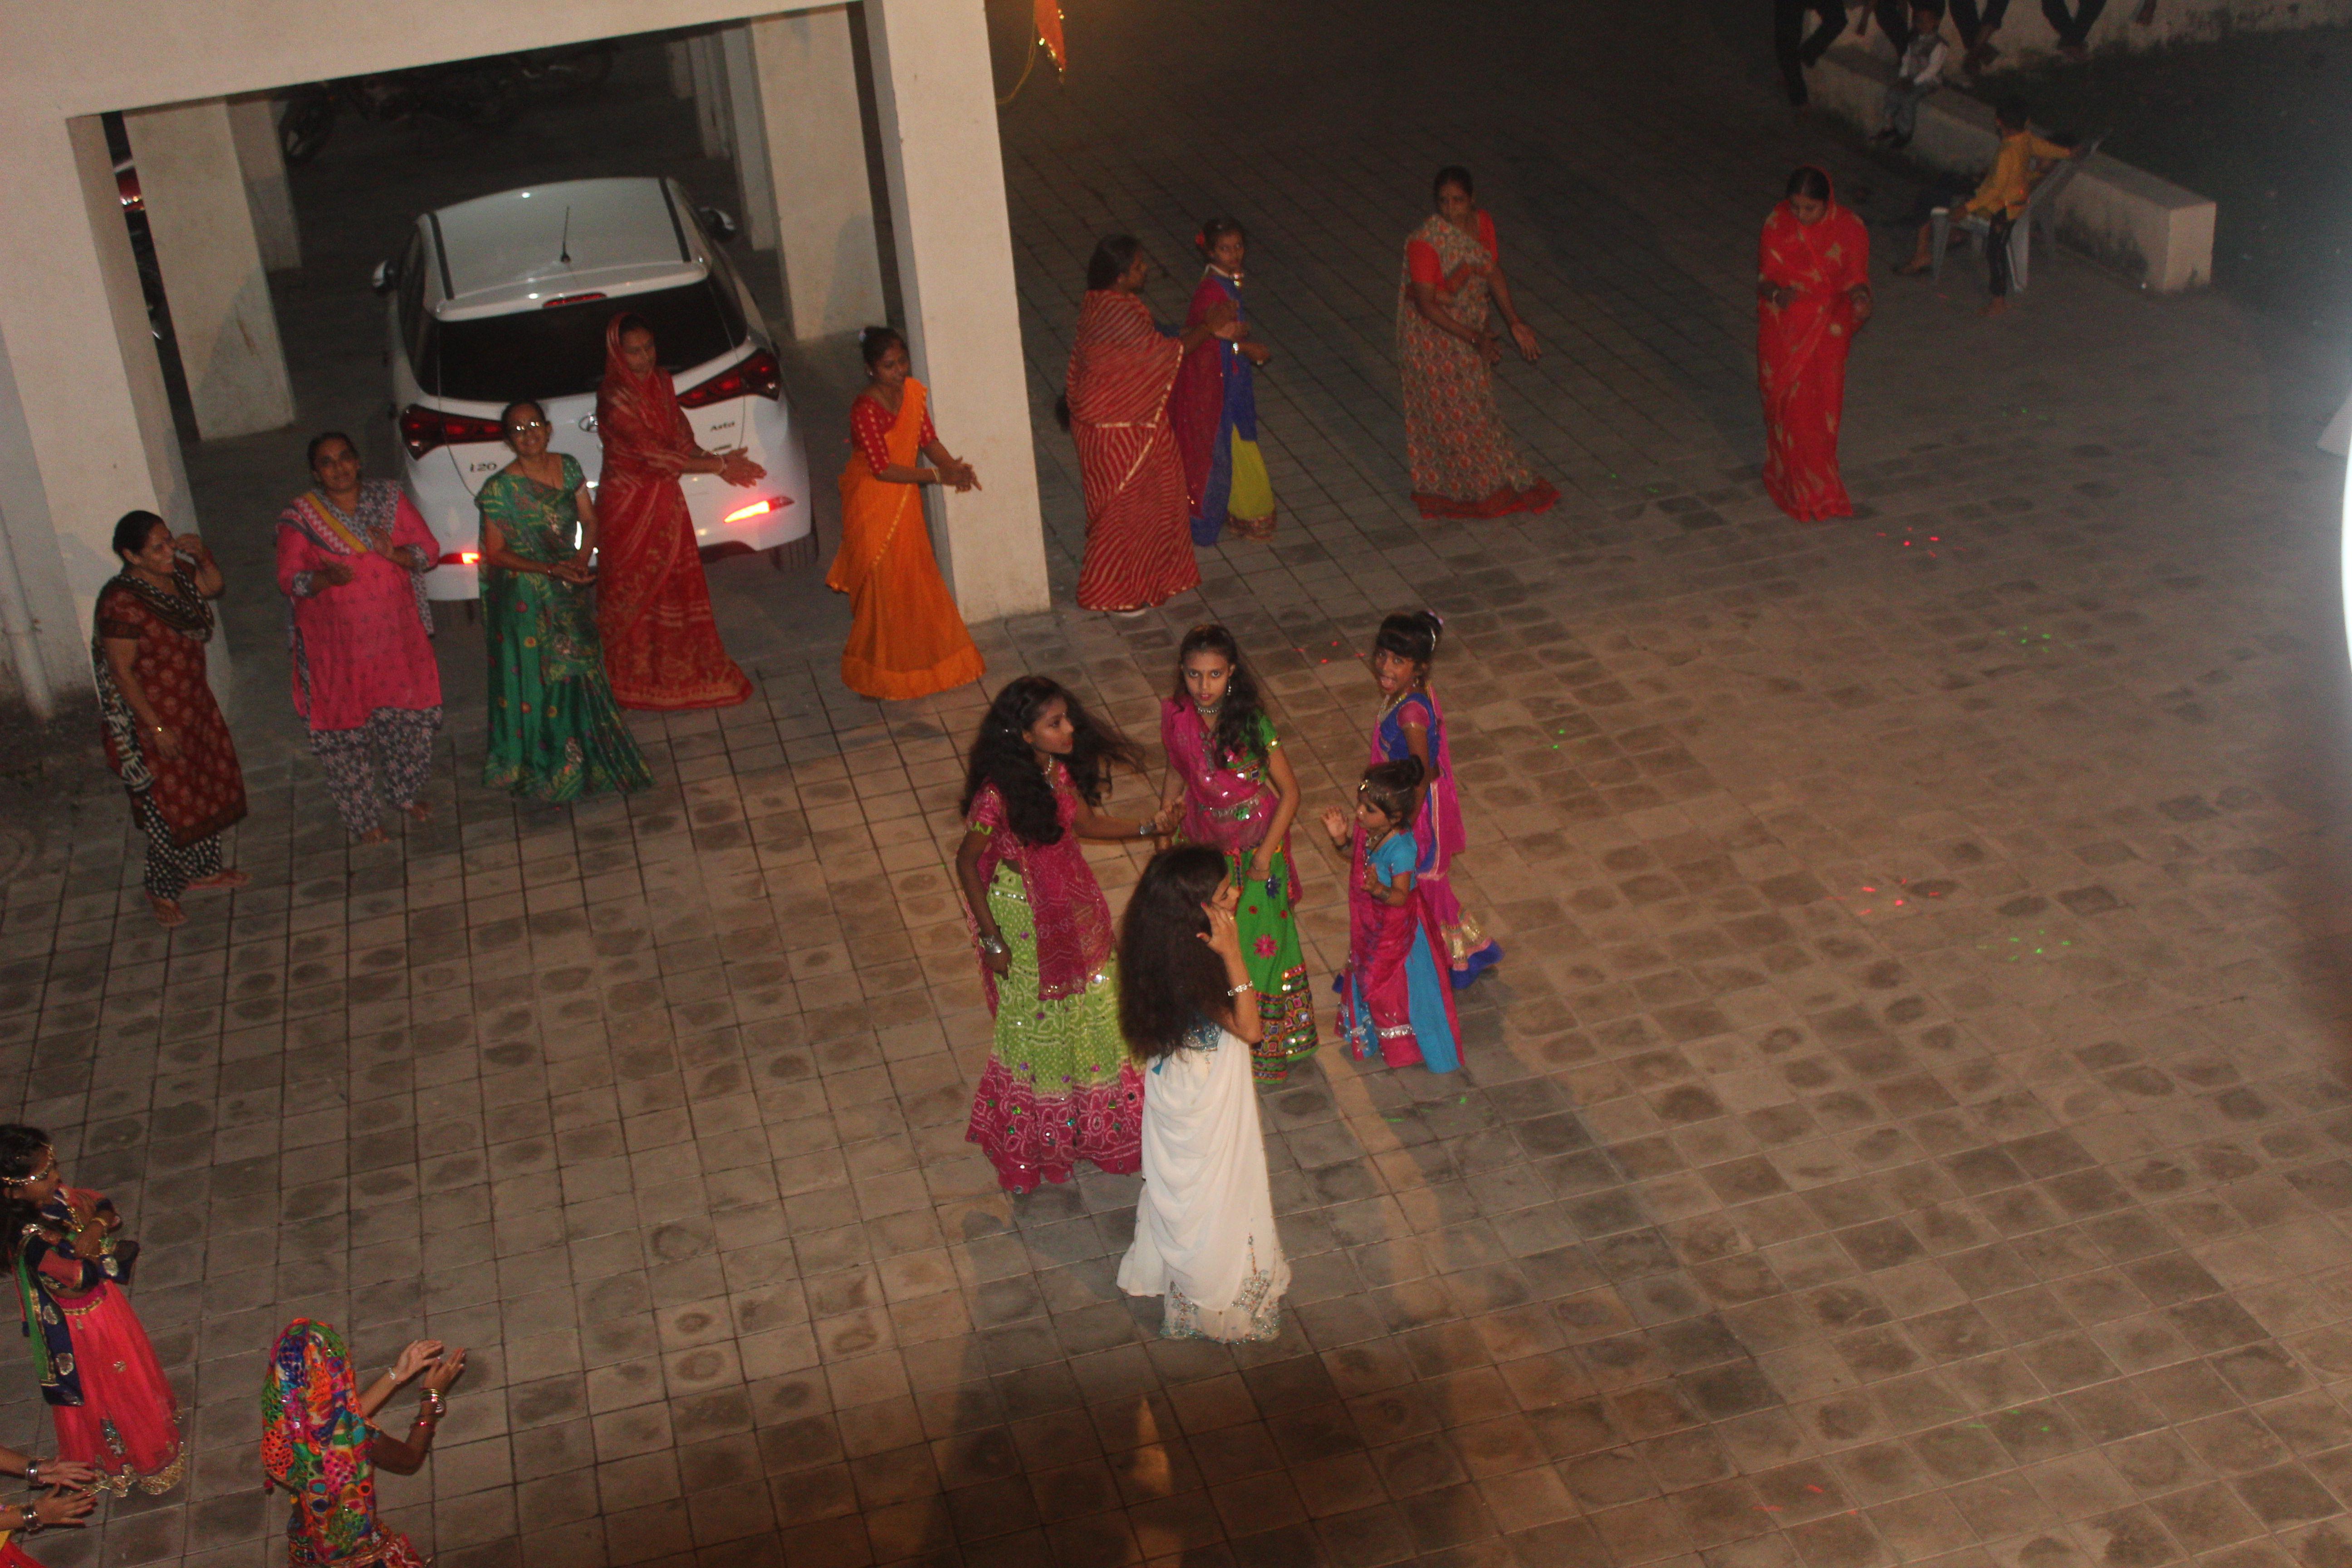 લોકમાન્ય તિલક ટાઉનશીપ, રેલનગર